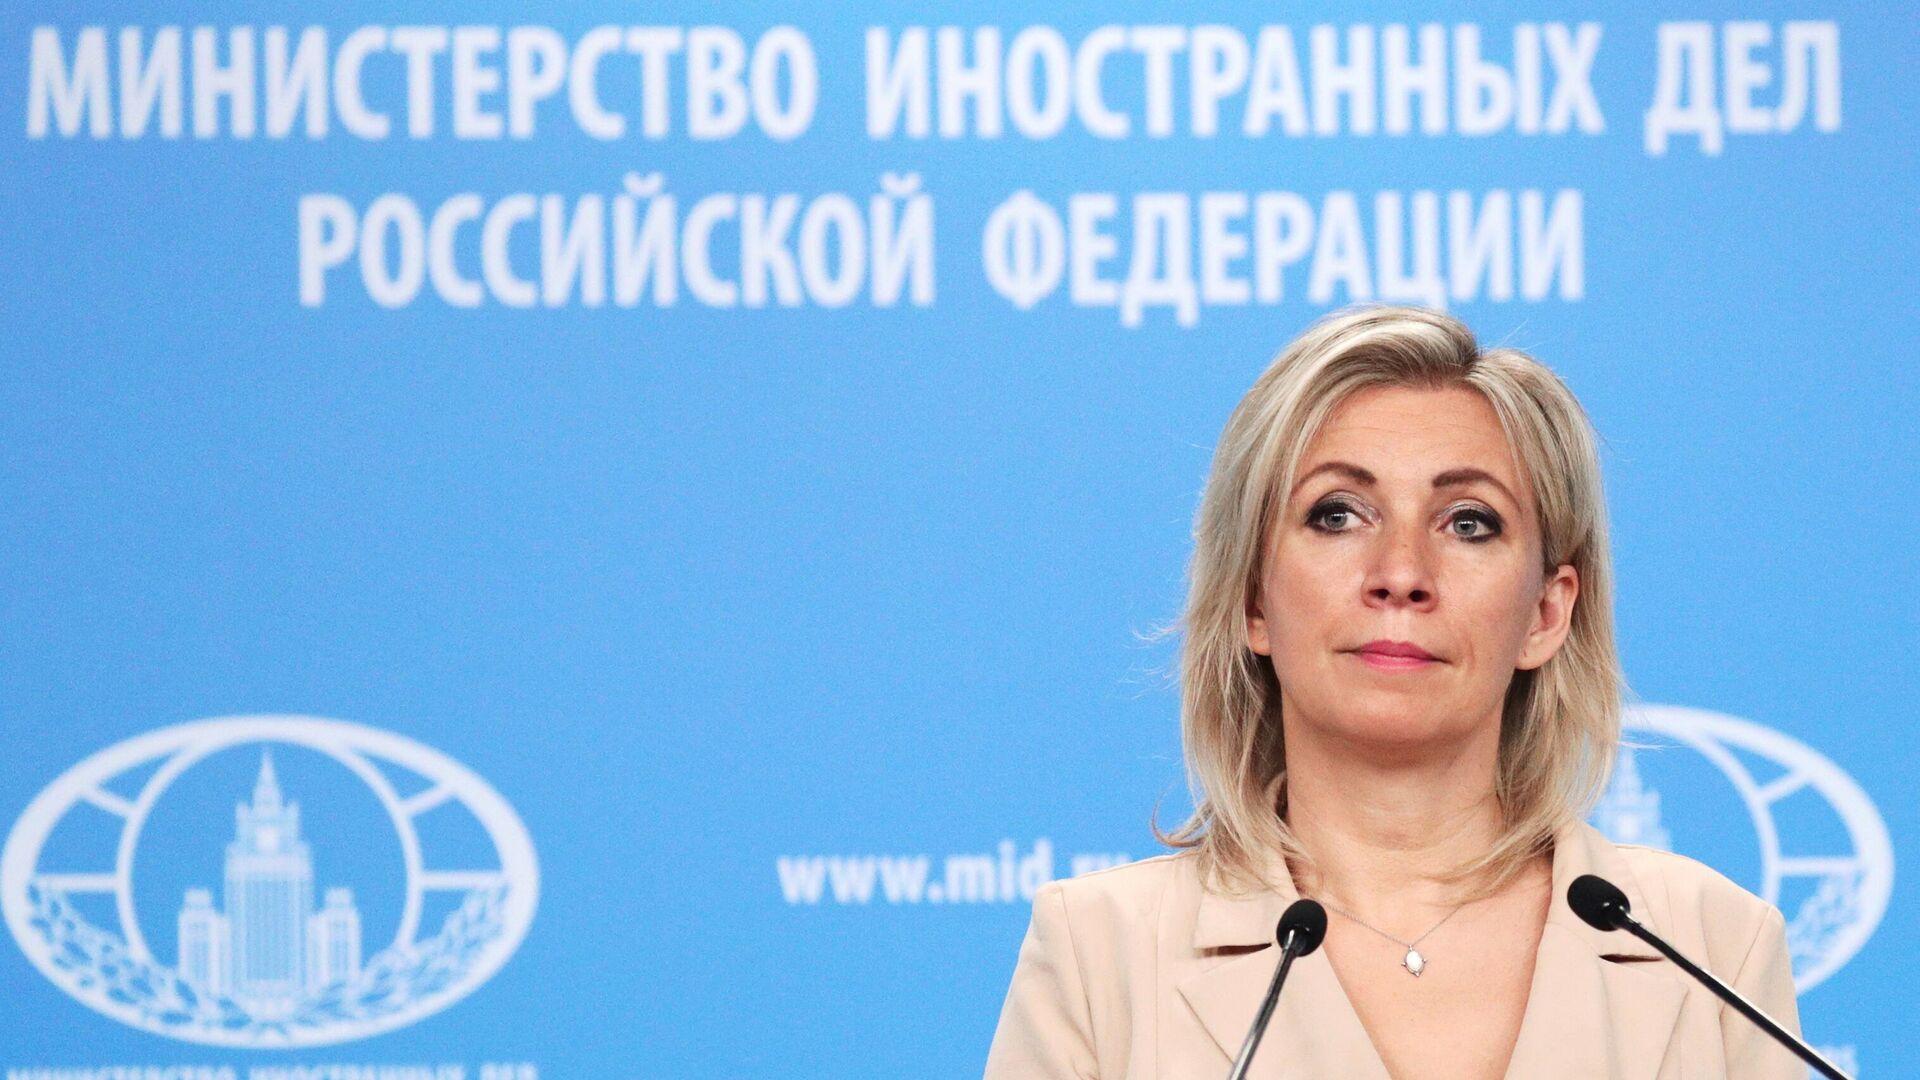 Официальный представитель Министерства иностранных дел России Мария Захарова во время брифинга в Москве - РИА Новости, 1920, 09.04.2021